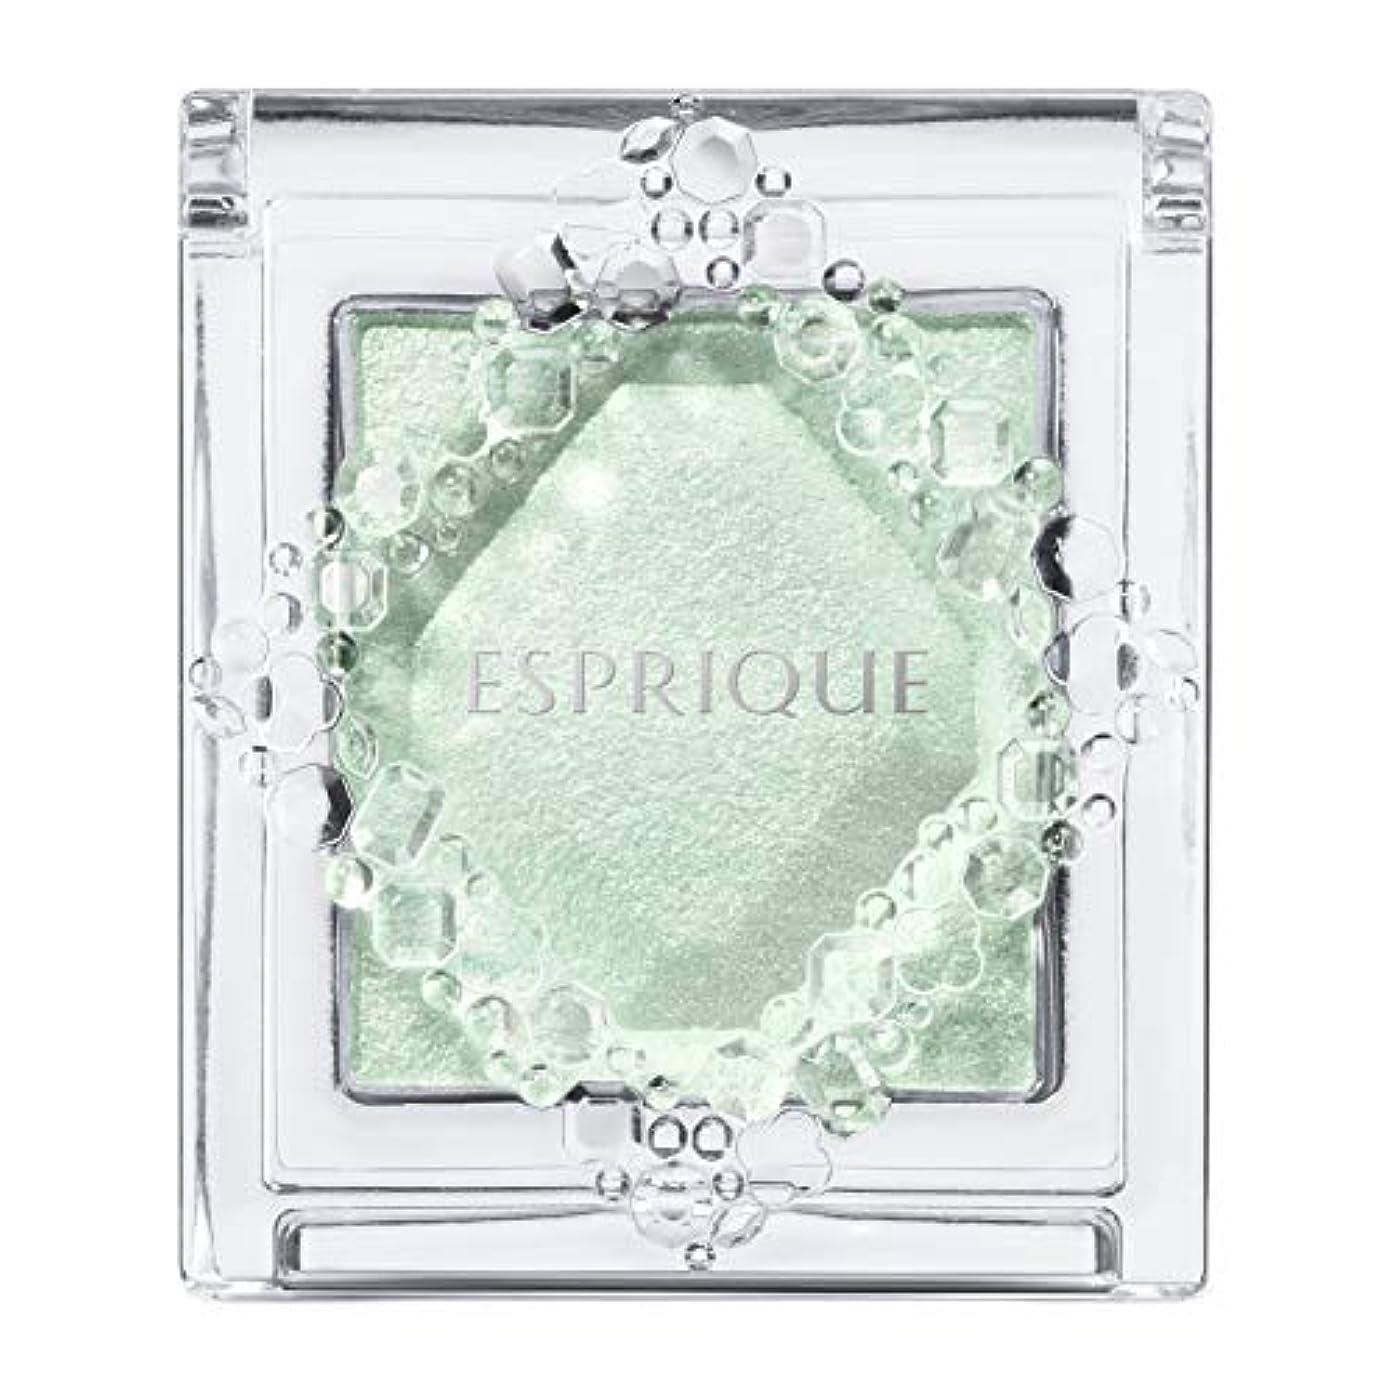 ホイスト書く暖かくエスプリーク セレクト アイカラー GR700 グリーン系 1.5g